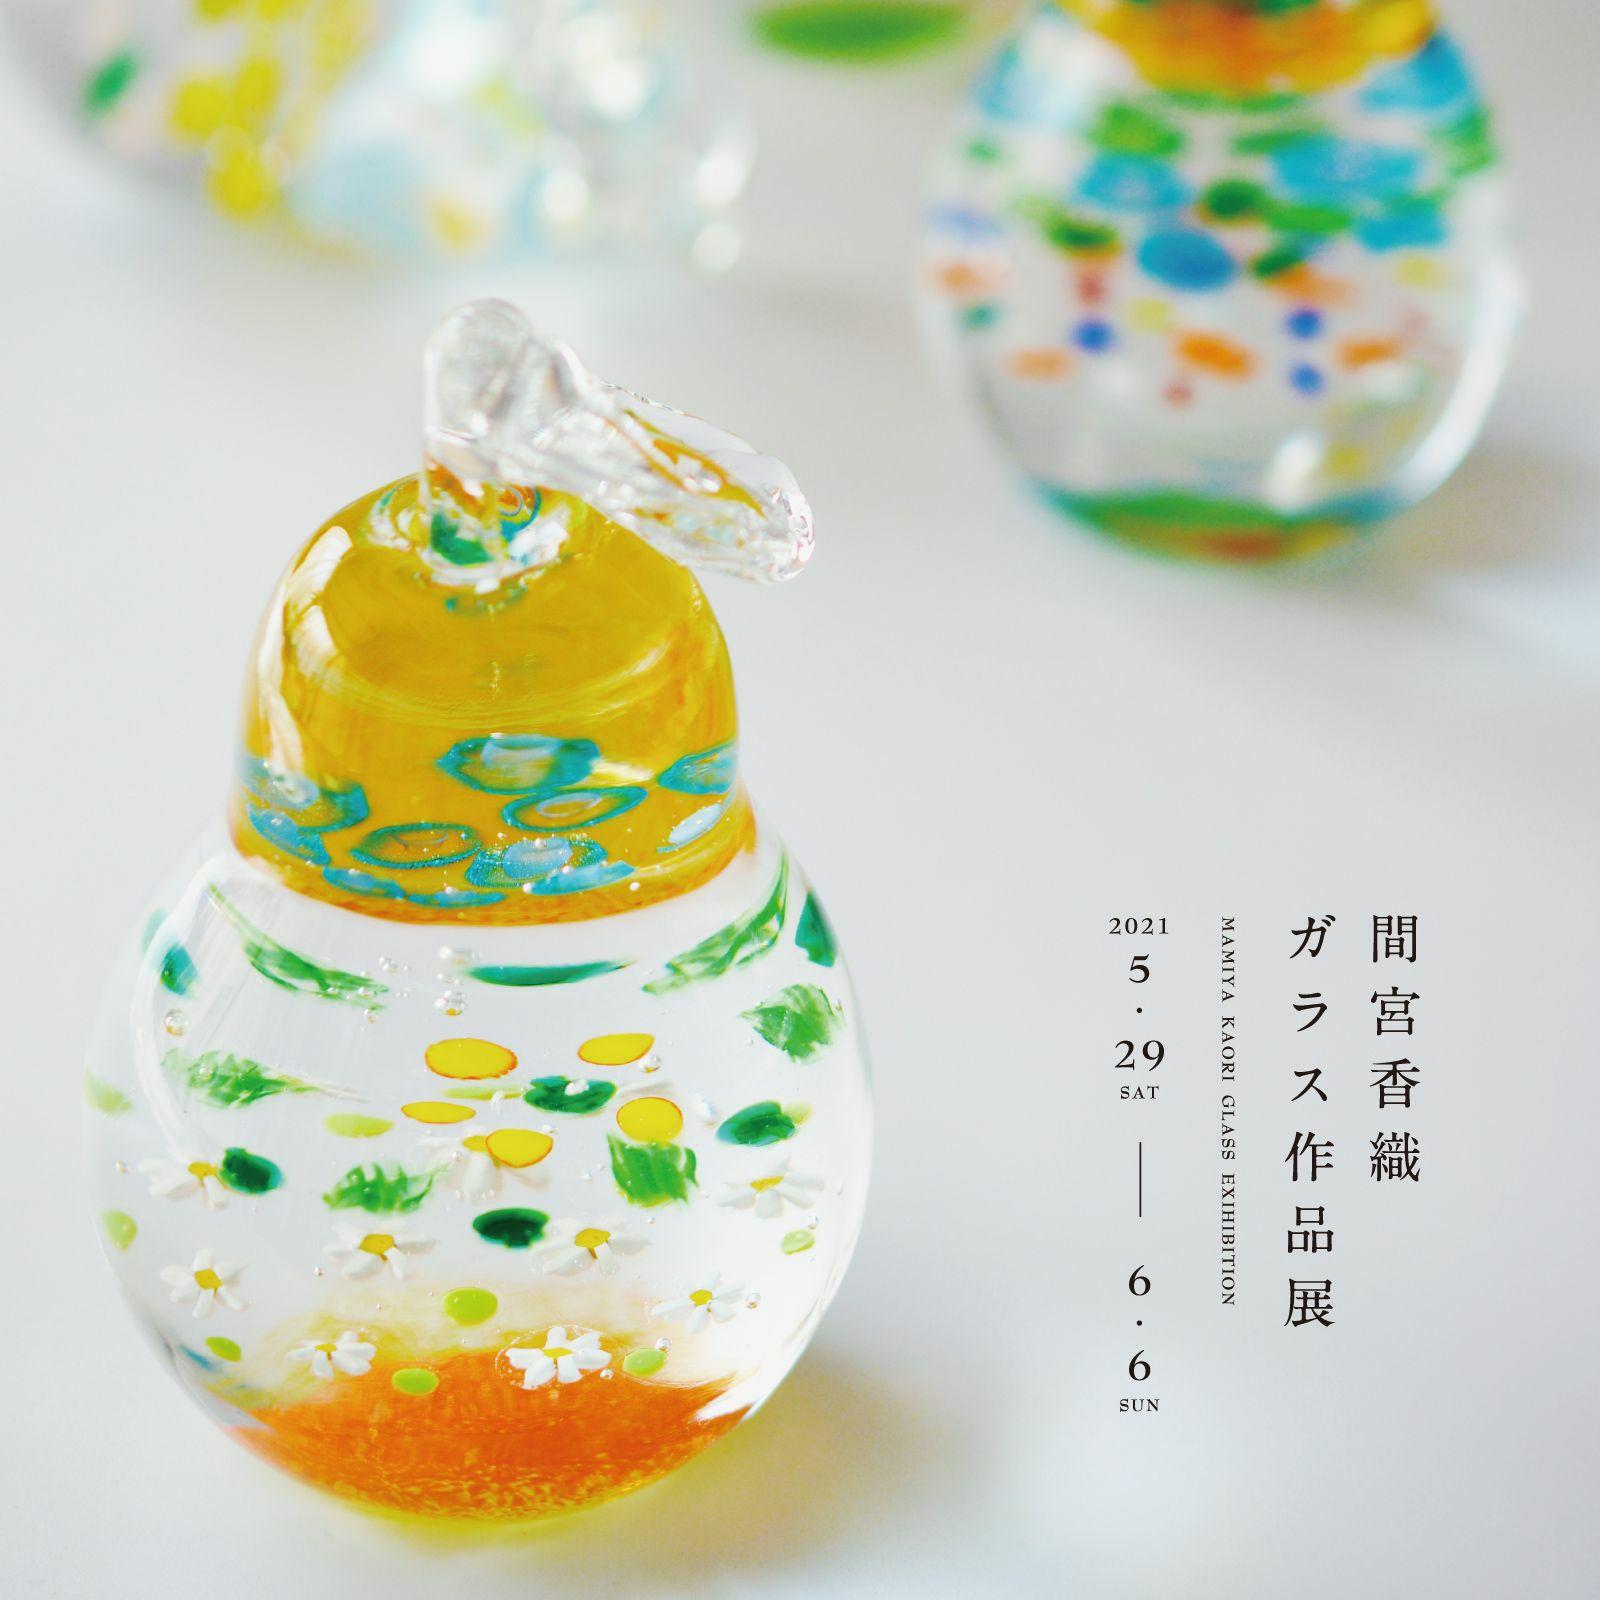 間宮香織ガラス作品展